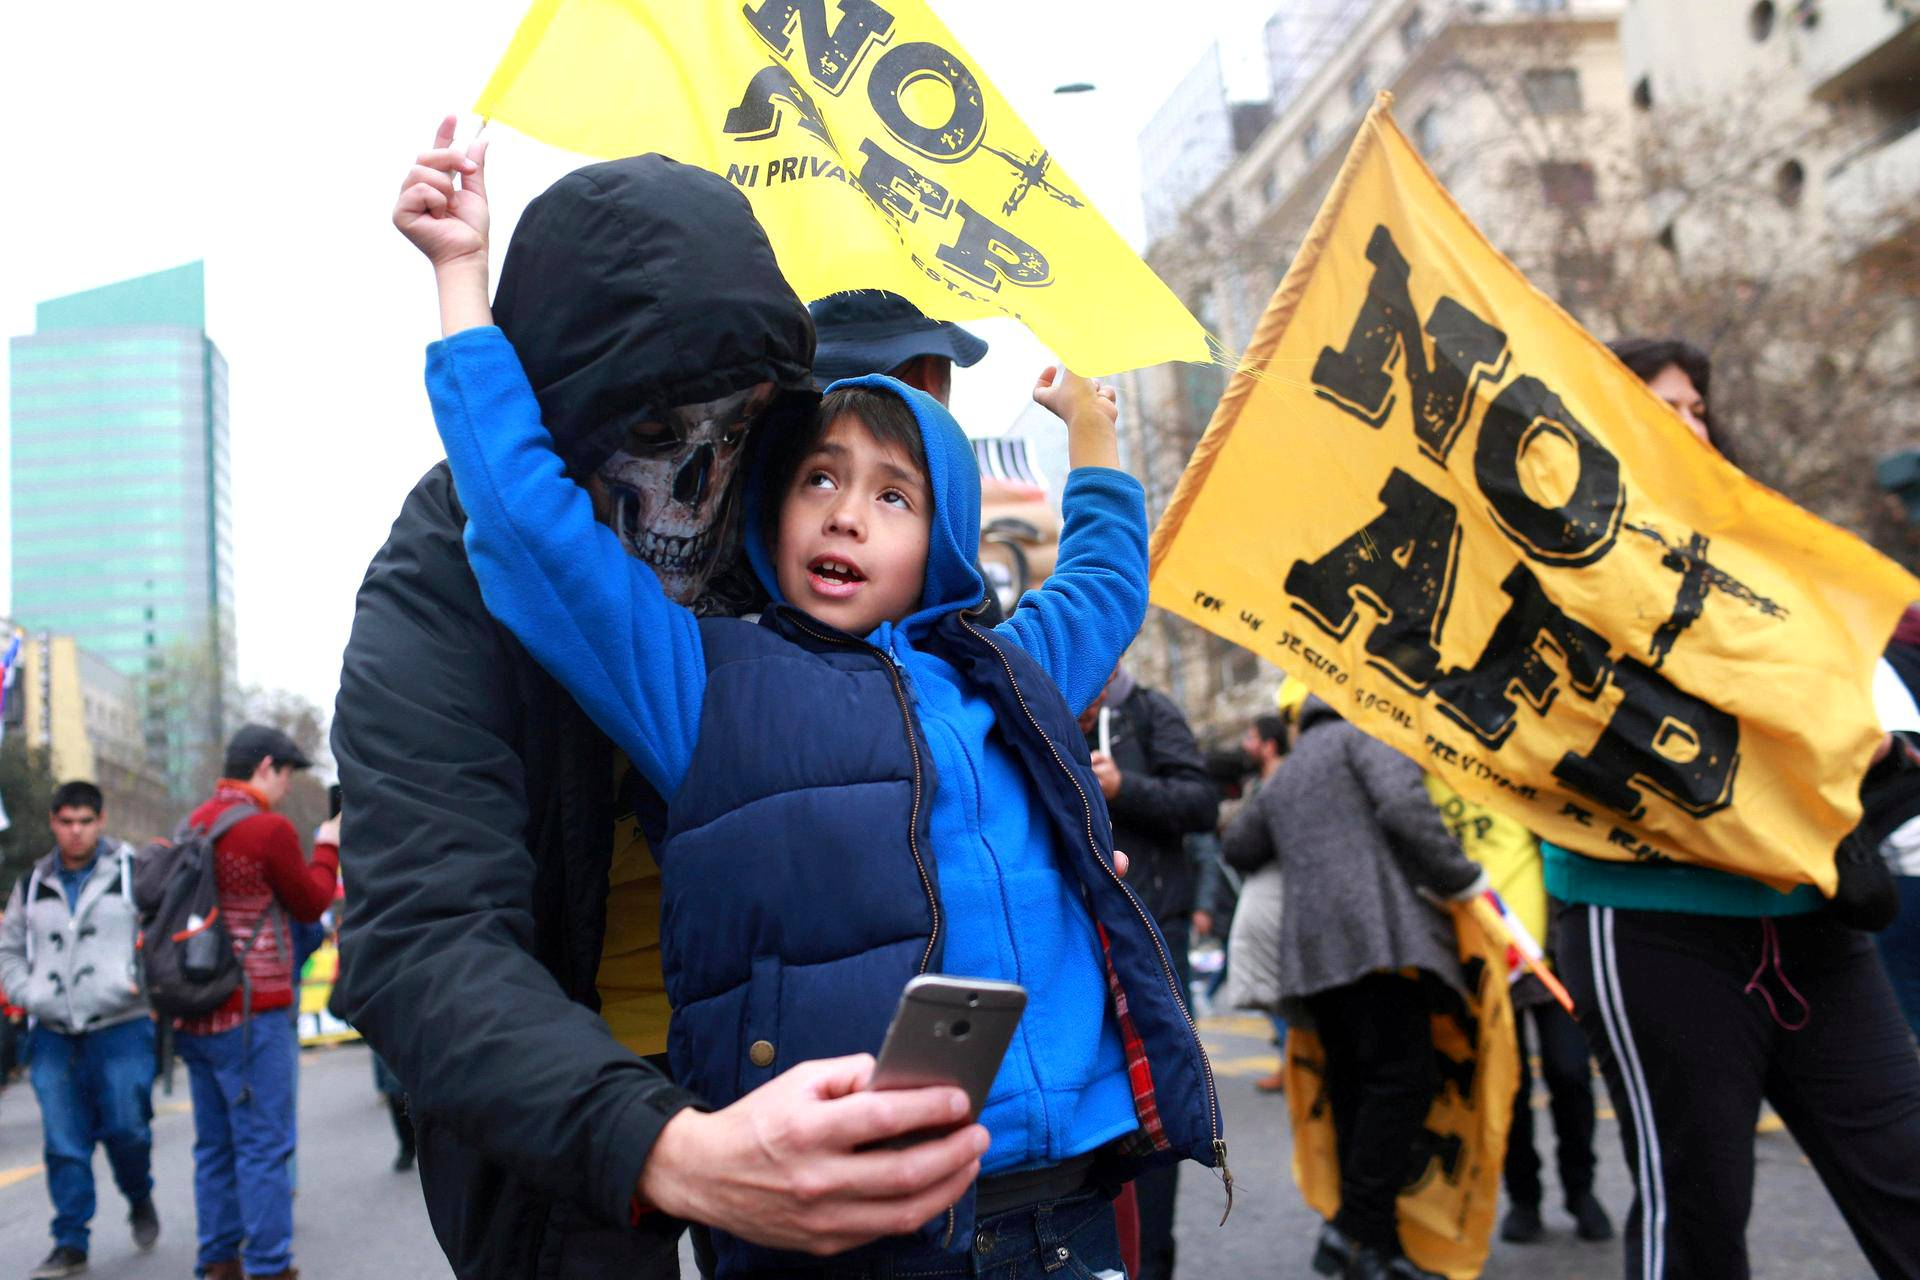 Pääkallomaskiin pukeutunut mielenosoittaja ottaa selfien pikkupojan kanssa Santiagossa sunnuntaina. Kaupungissa osoitettiin mieltä Chilen AFP-eläkejärjestelmää vastaan.